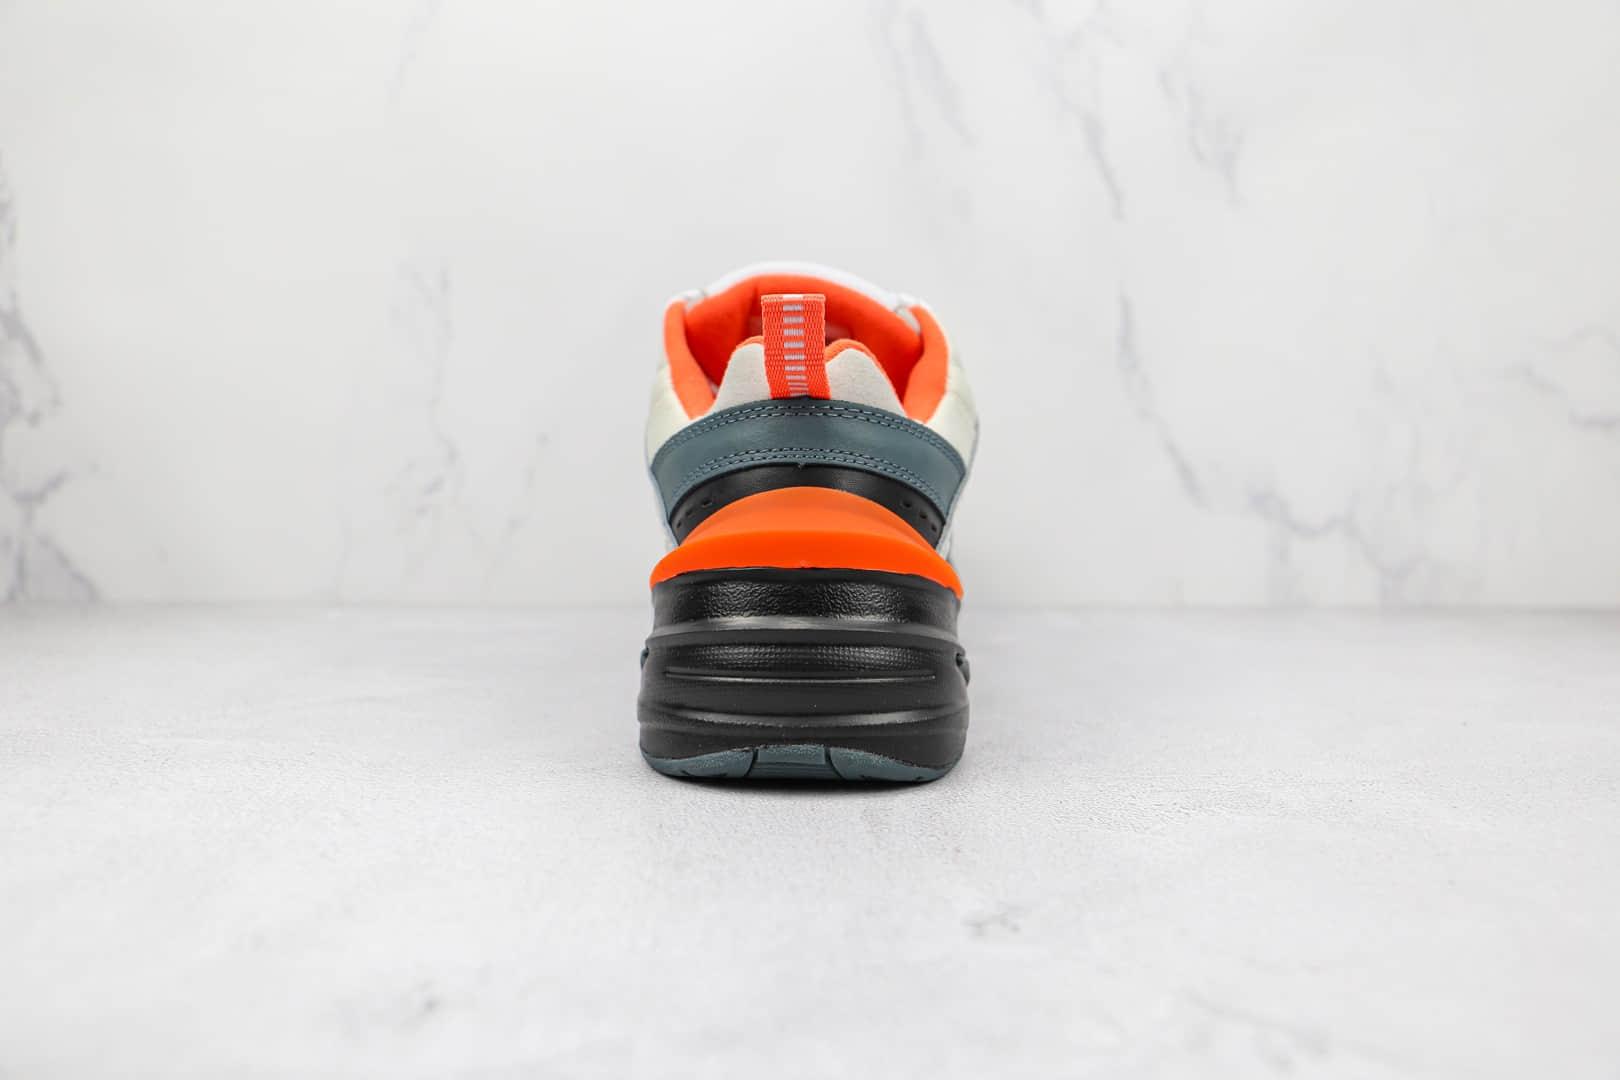 耐克Nike Air Monarch M2K纯原版本灰黑橙色复古M2K老爹鞋原档案数据开发 货号:CI2969-001